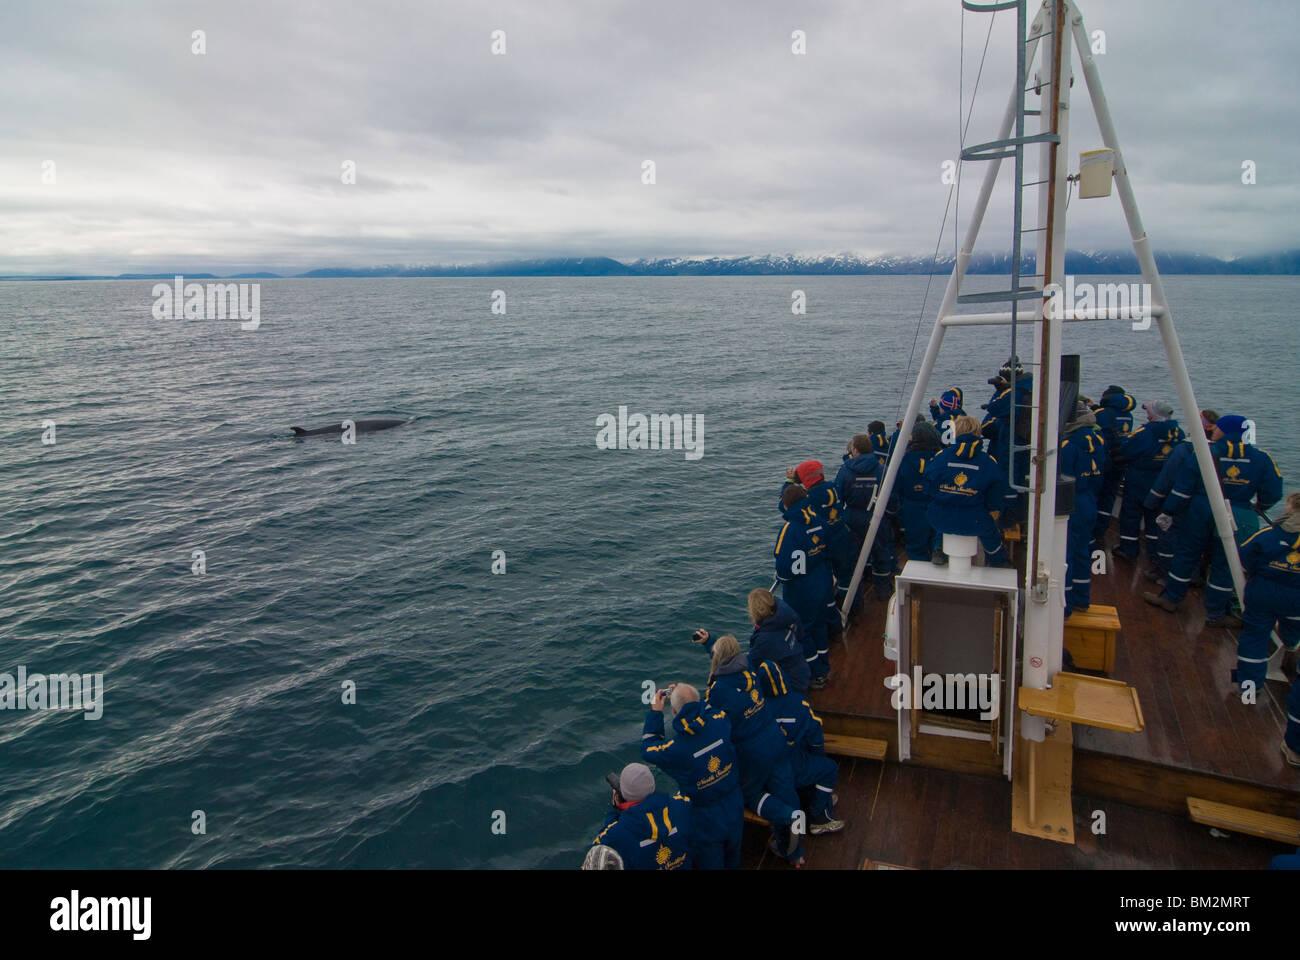 Trawler mit Touristen beobachten einen Wal, Husavik, Island, Polarregionen Stockbild